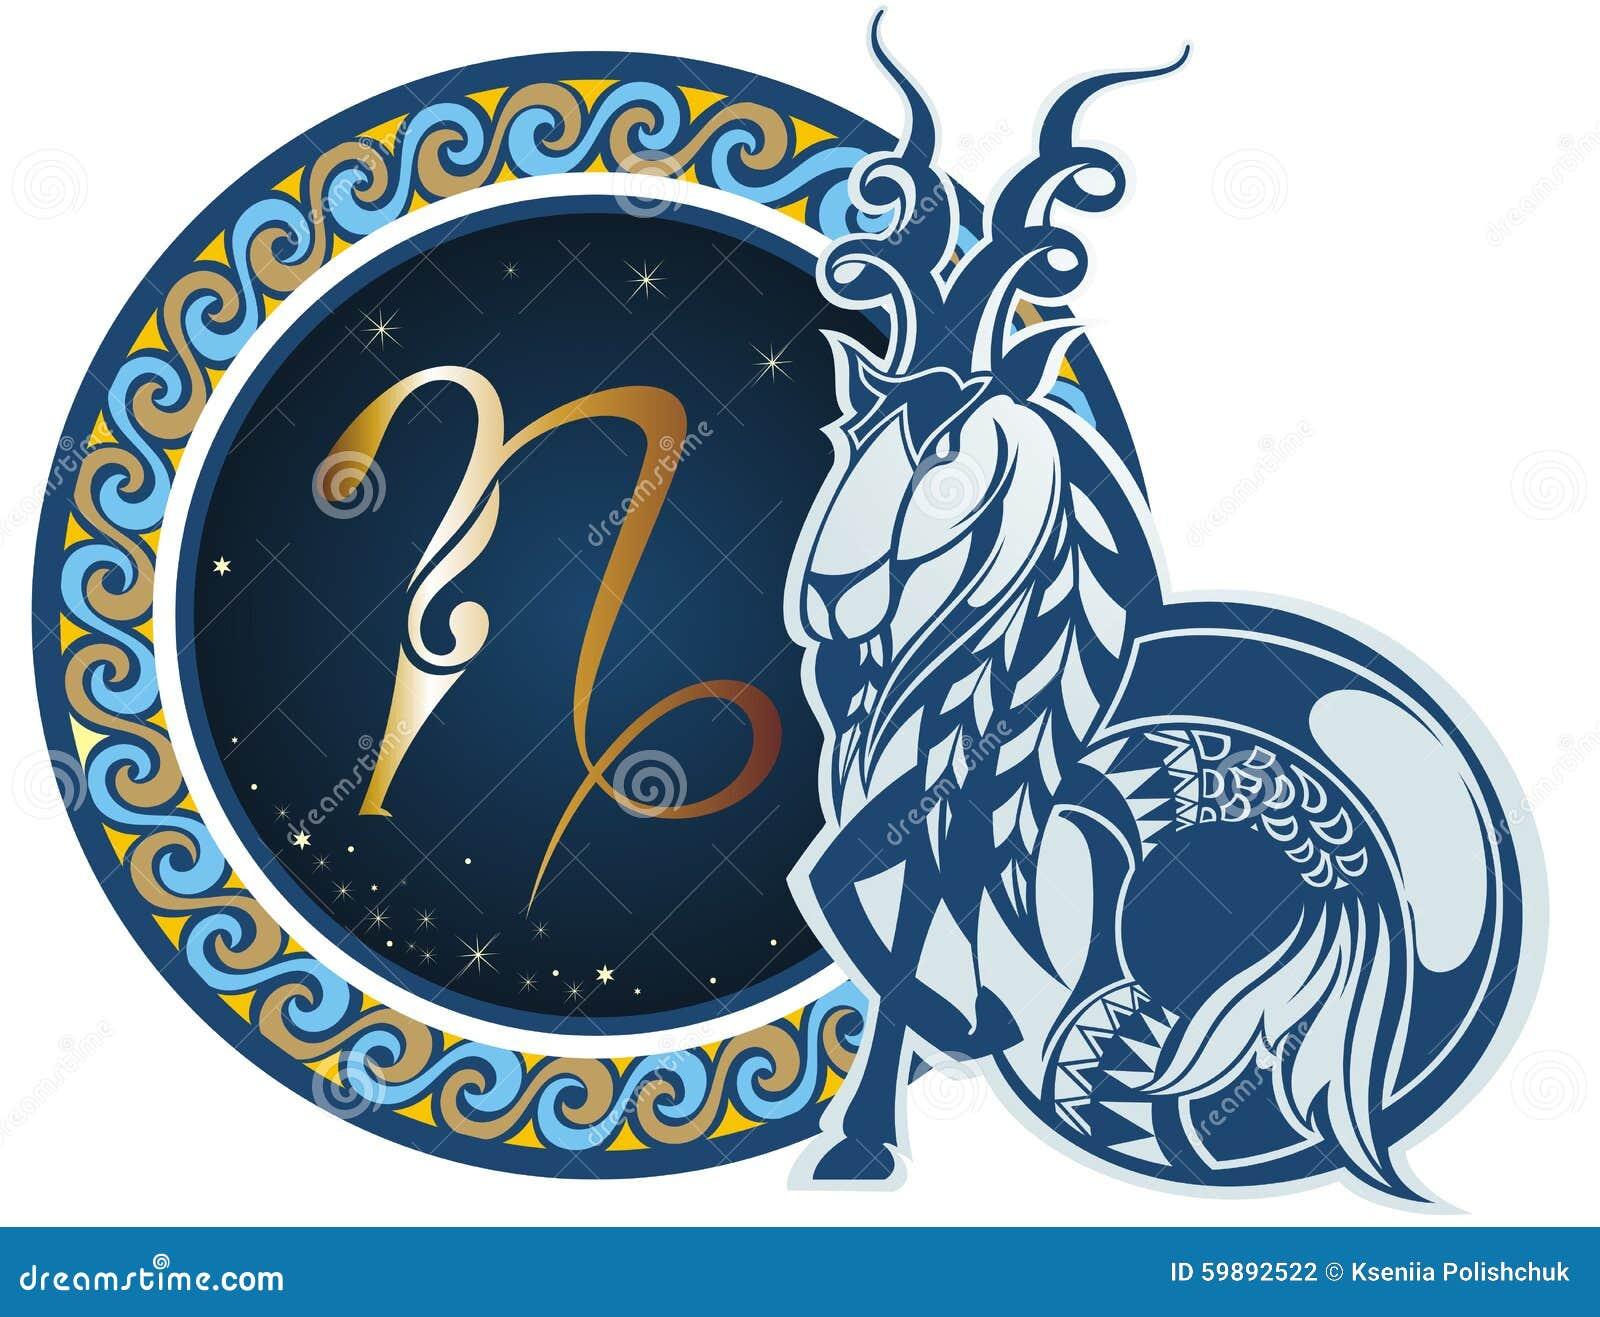 Muestras del zodiaco - Capricornio